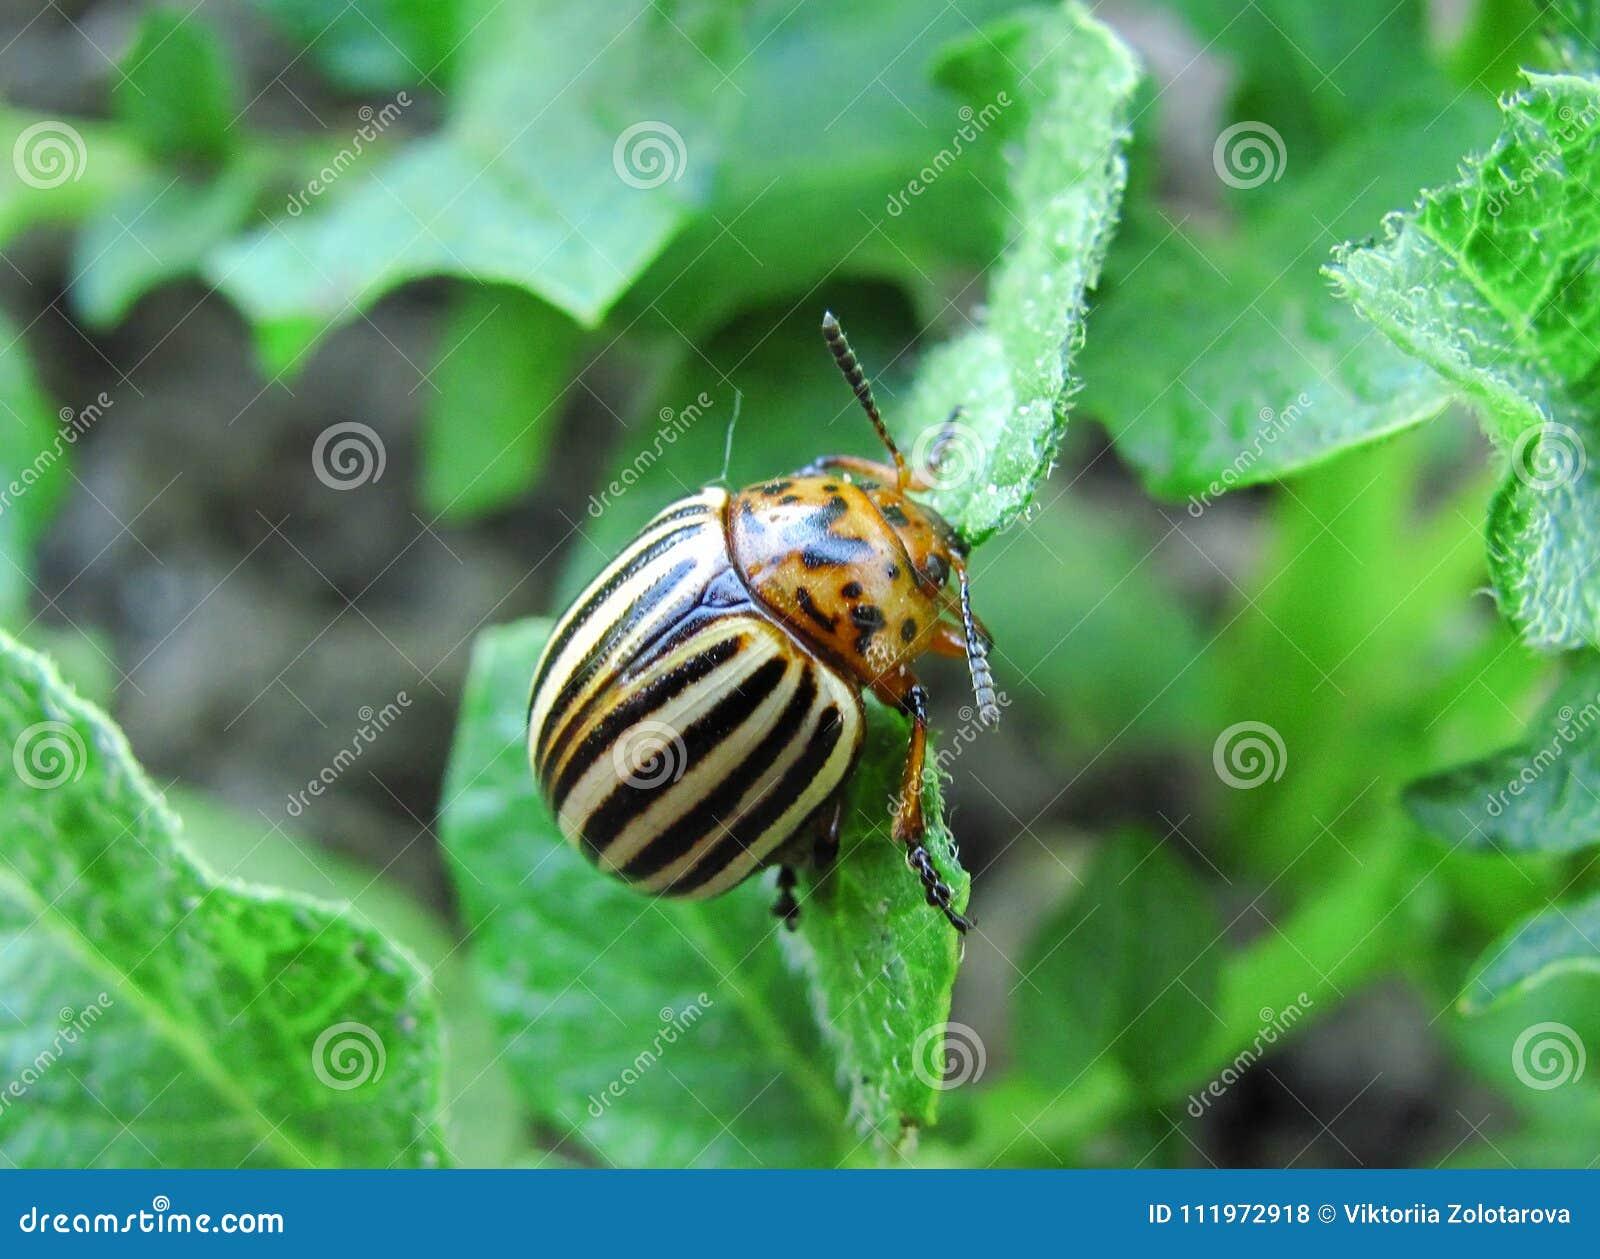 One potato bug close up